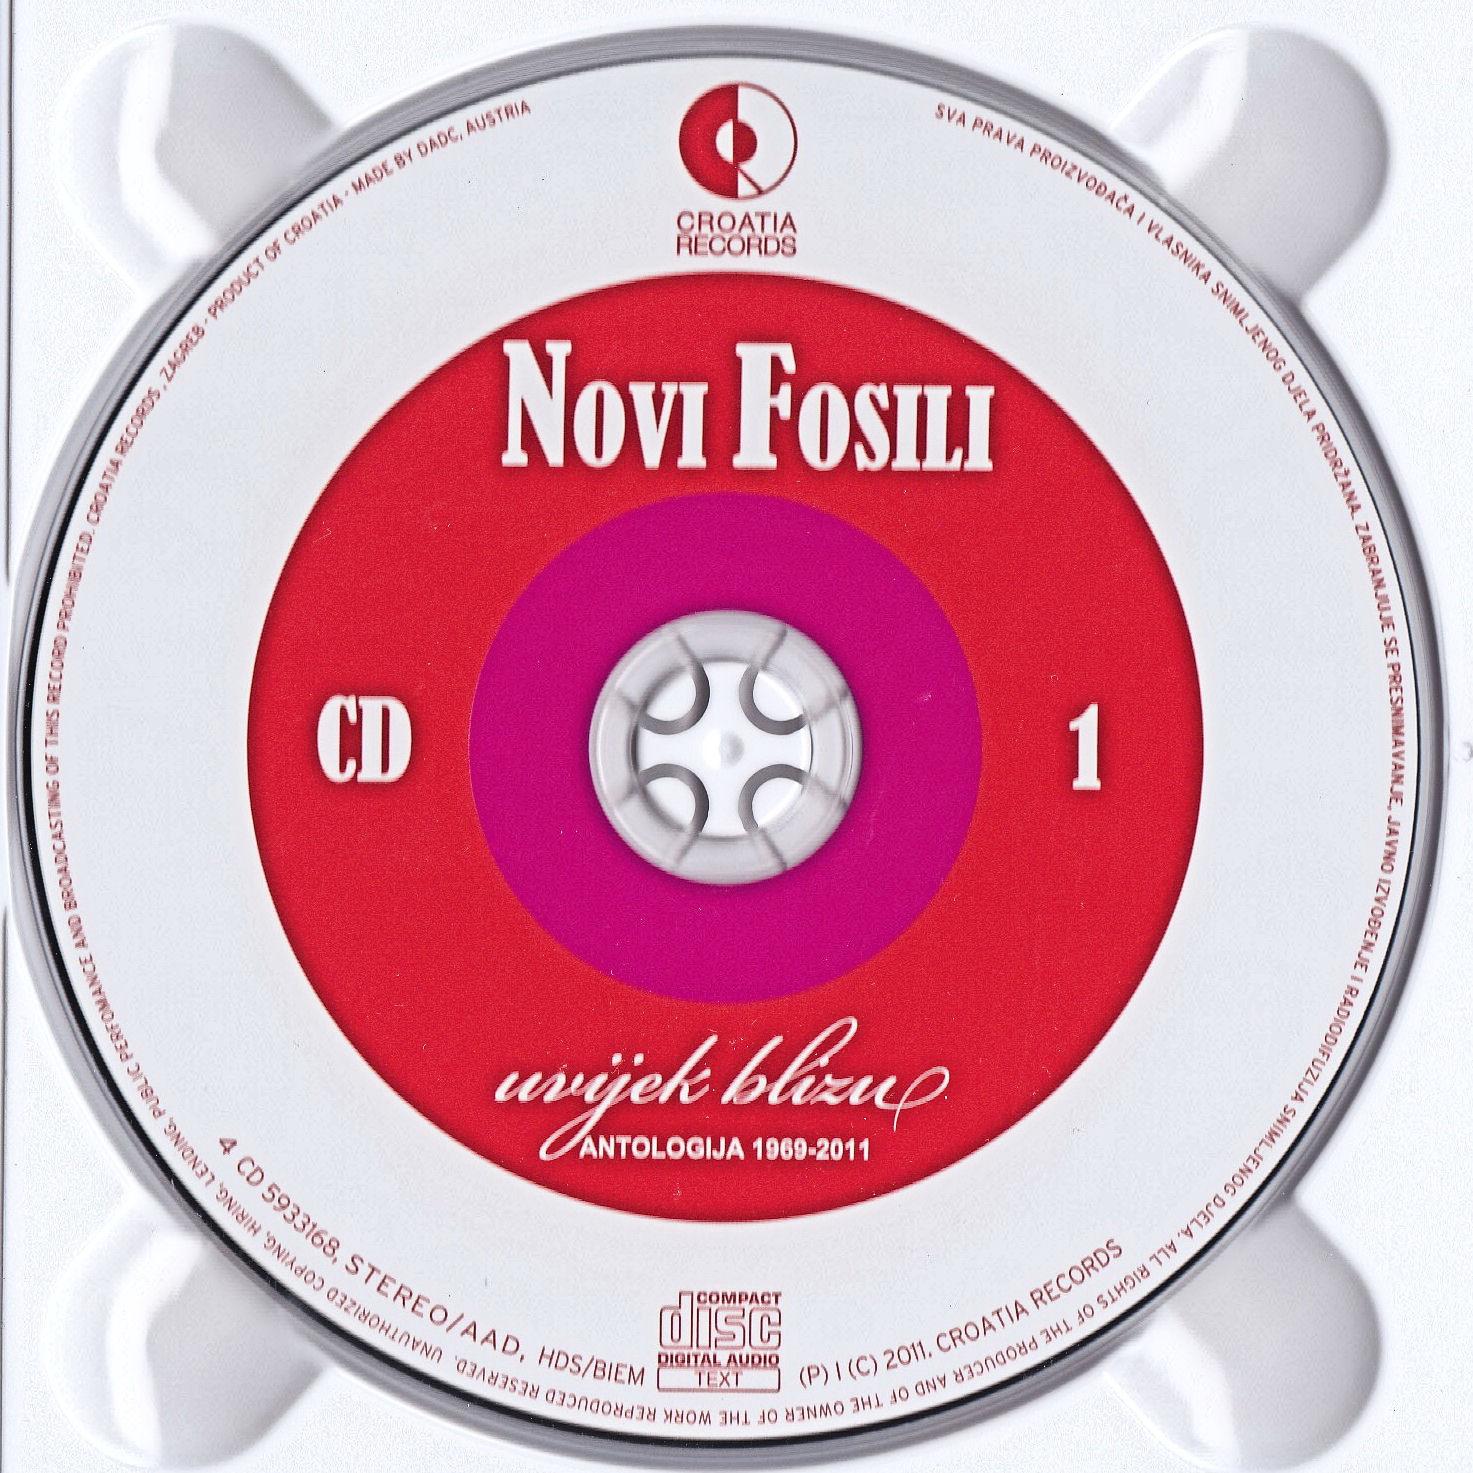 Novi Fosili 2011 Antologija 69 11 cd 1